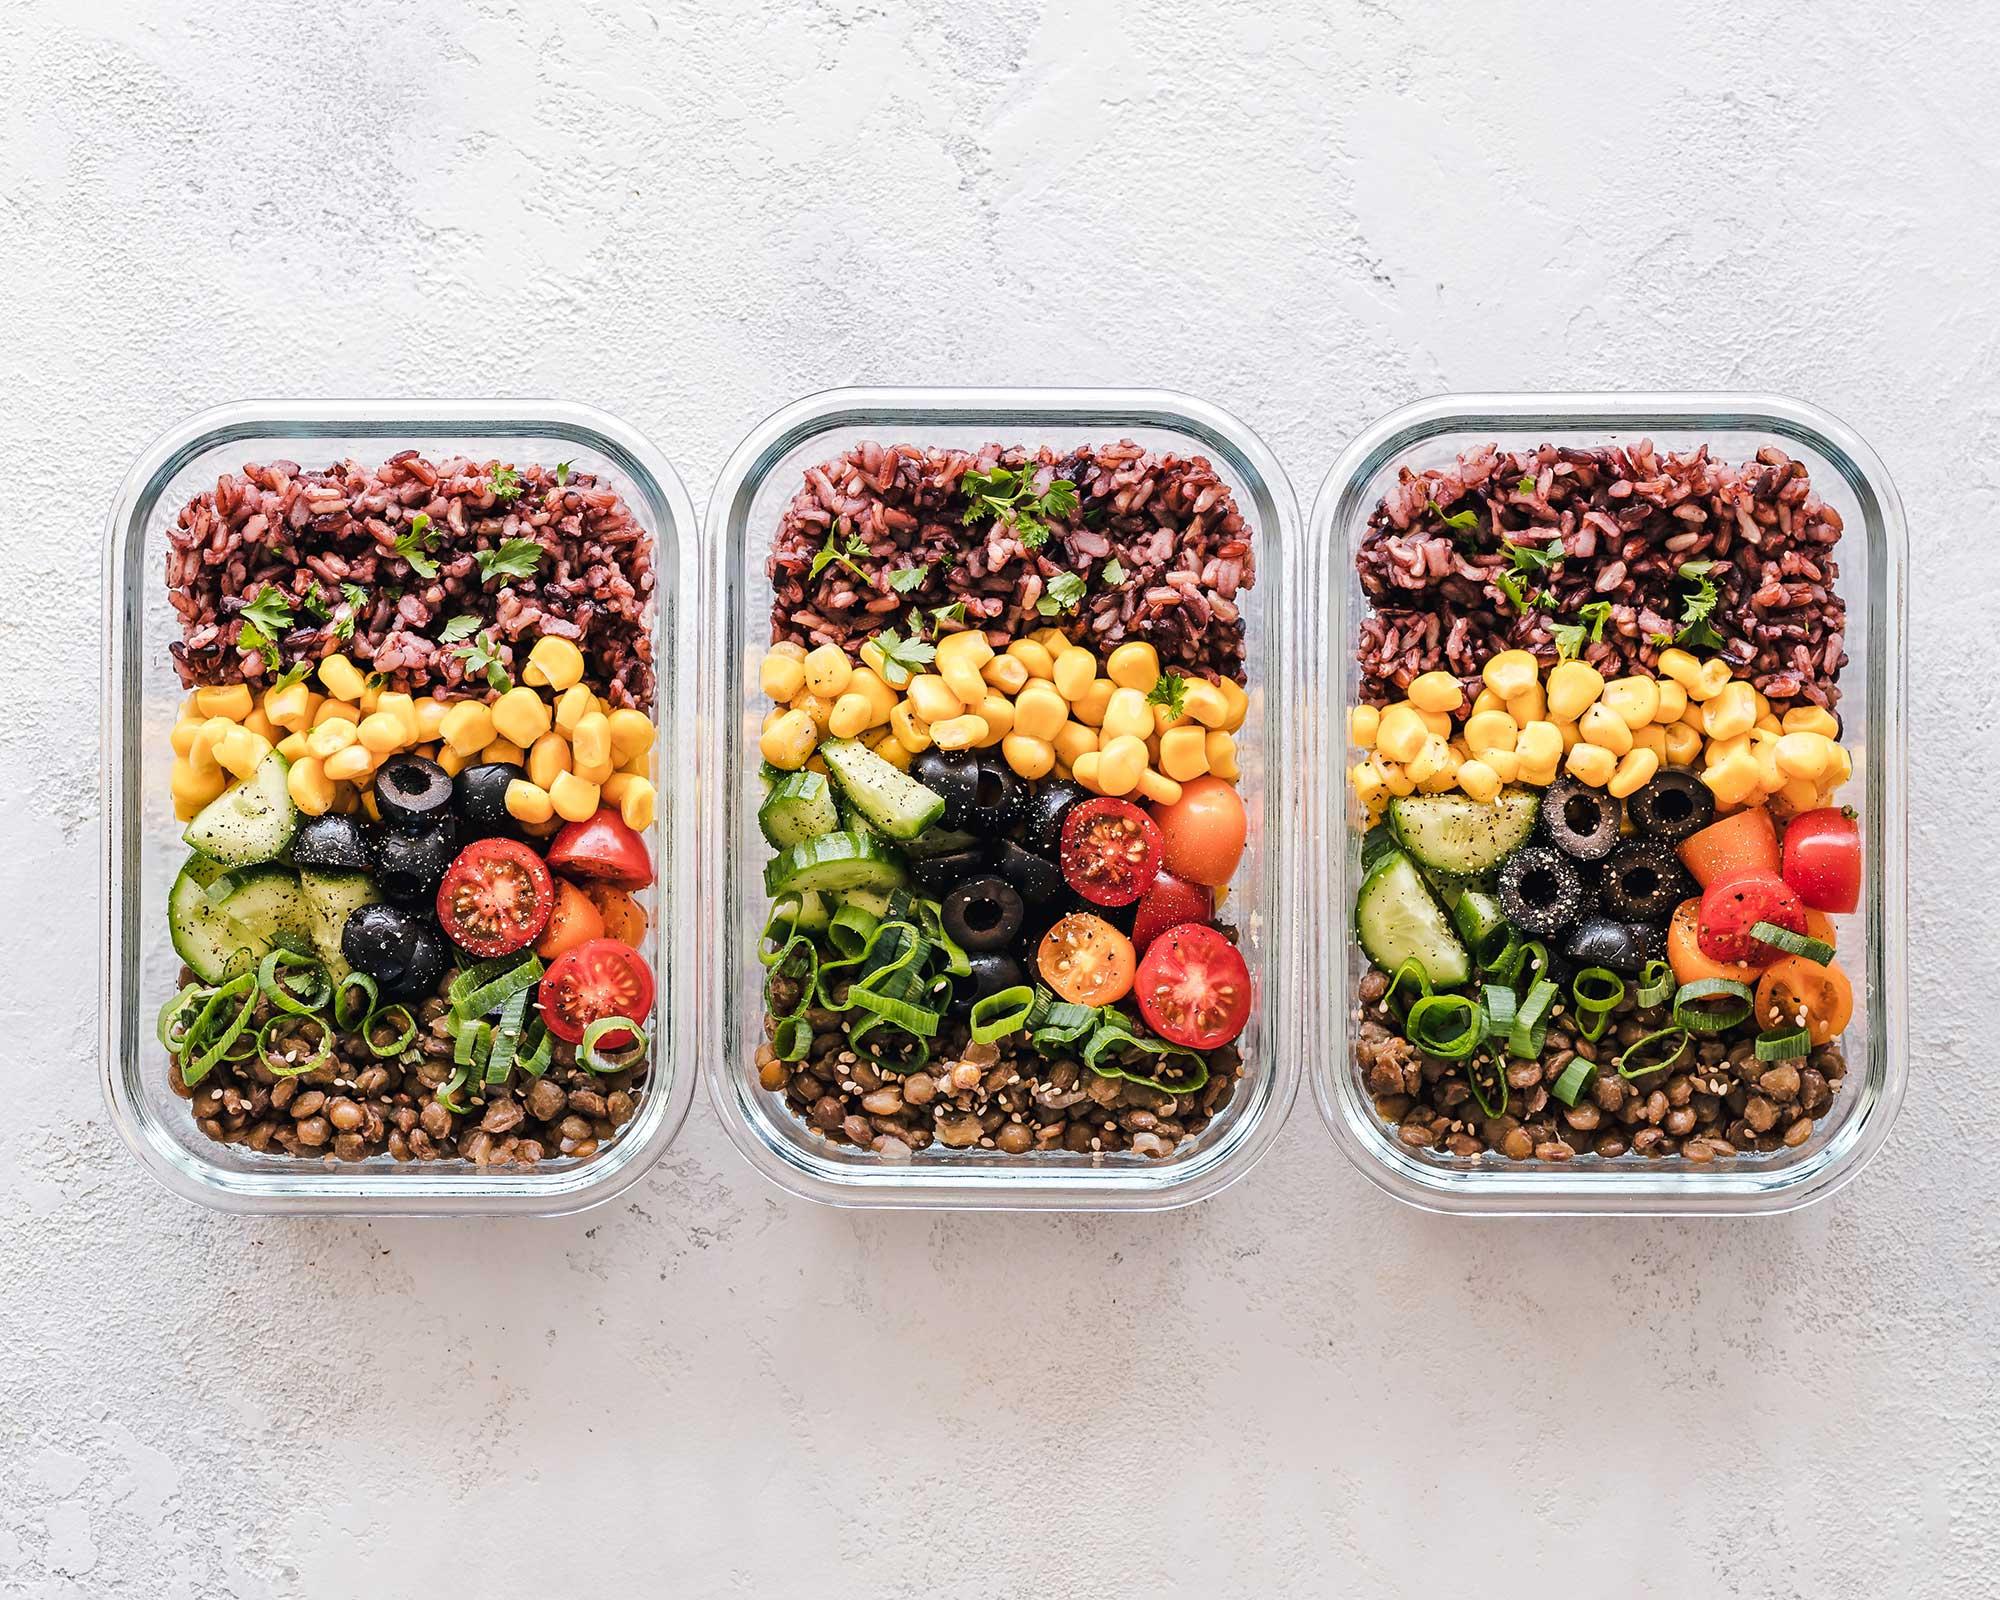 Tre matlådor fyllda med grönsaker på ett bord